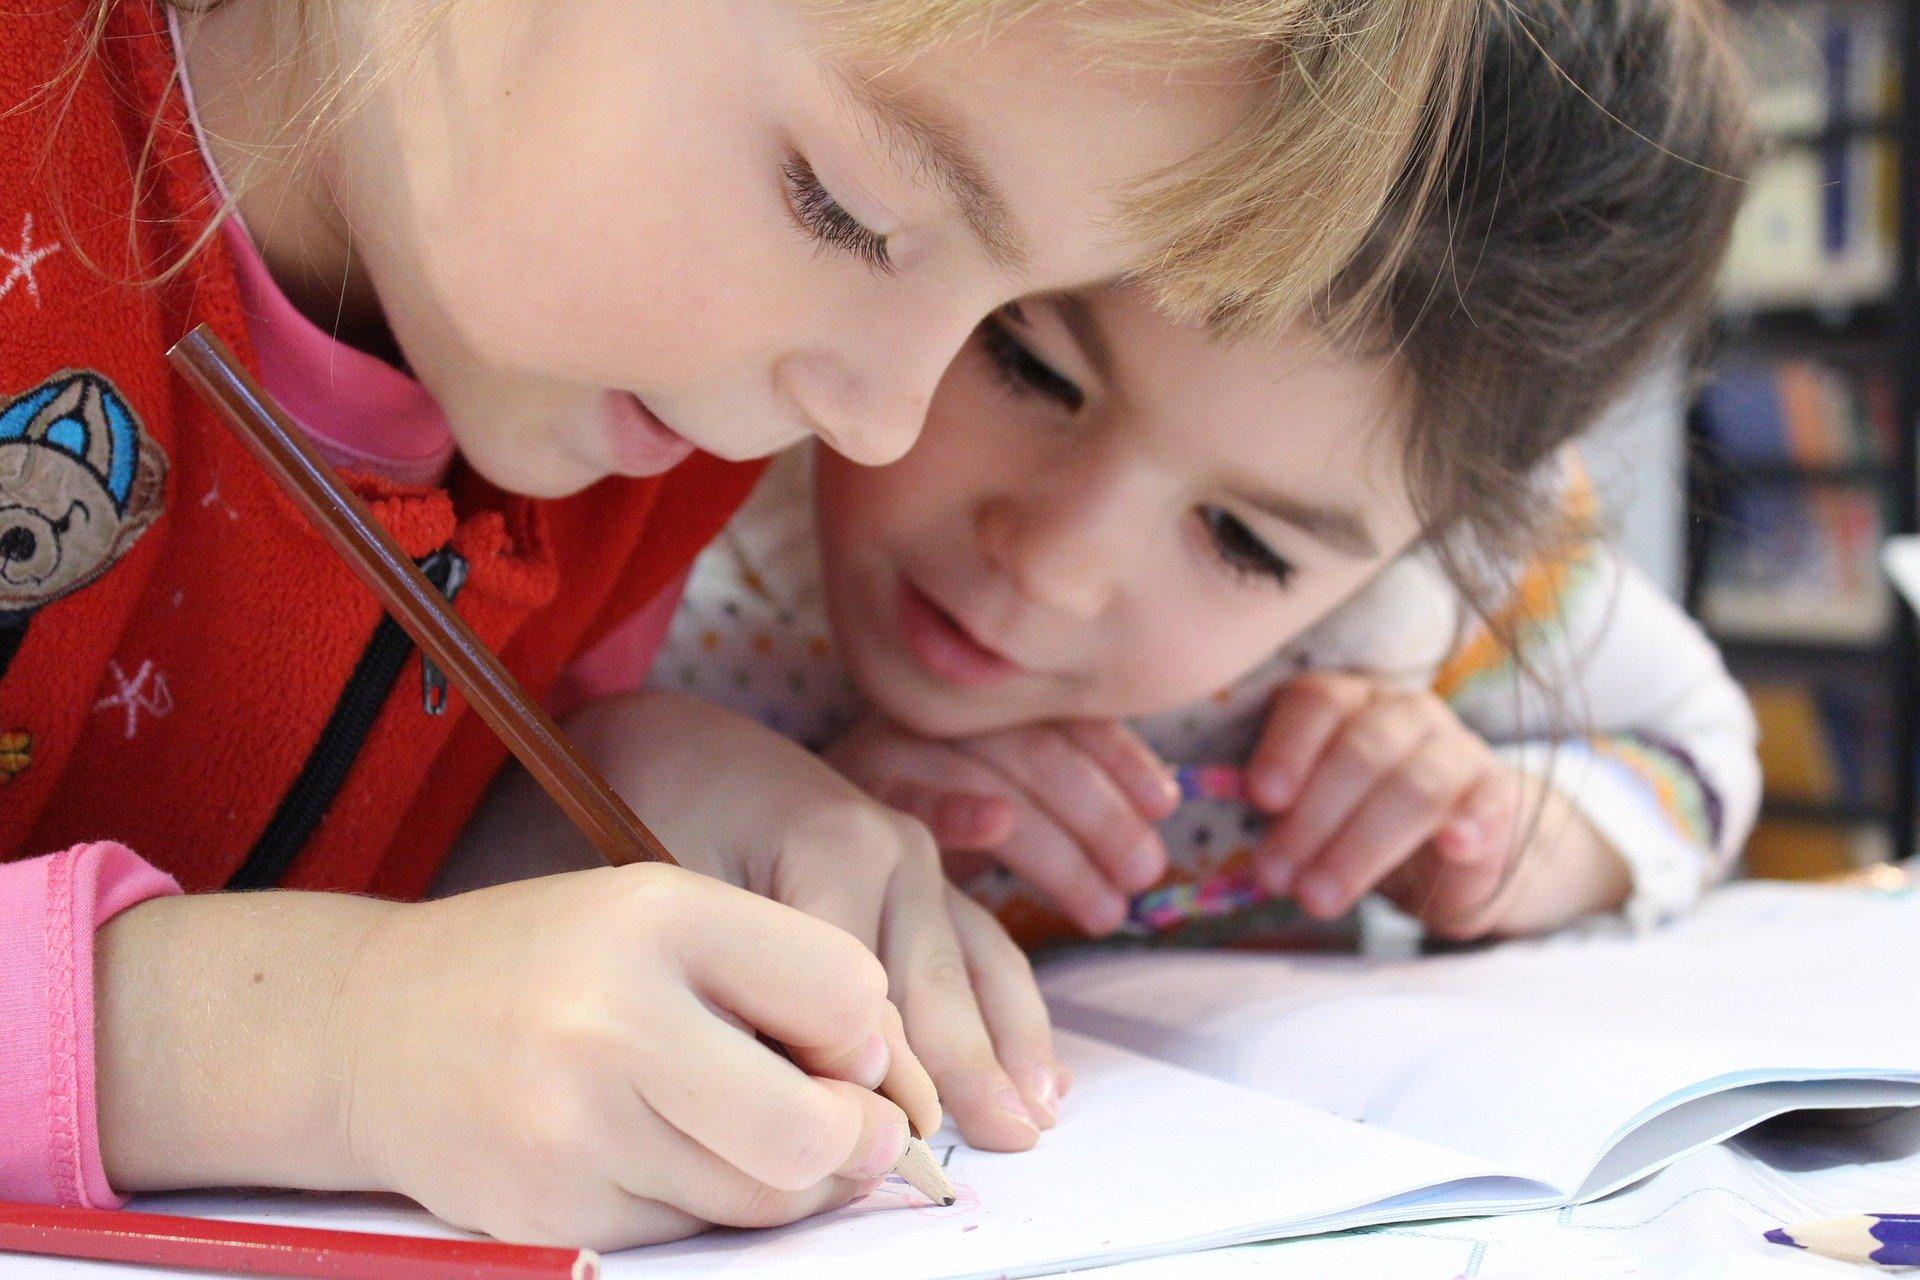 EDUCACIÓN. Niños estudiando en aprendizaje remoto. Pixabay